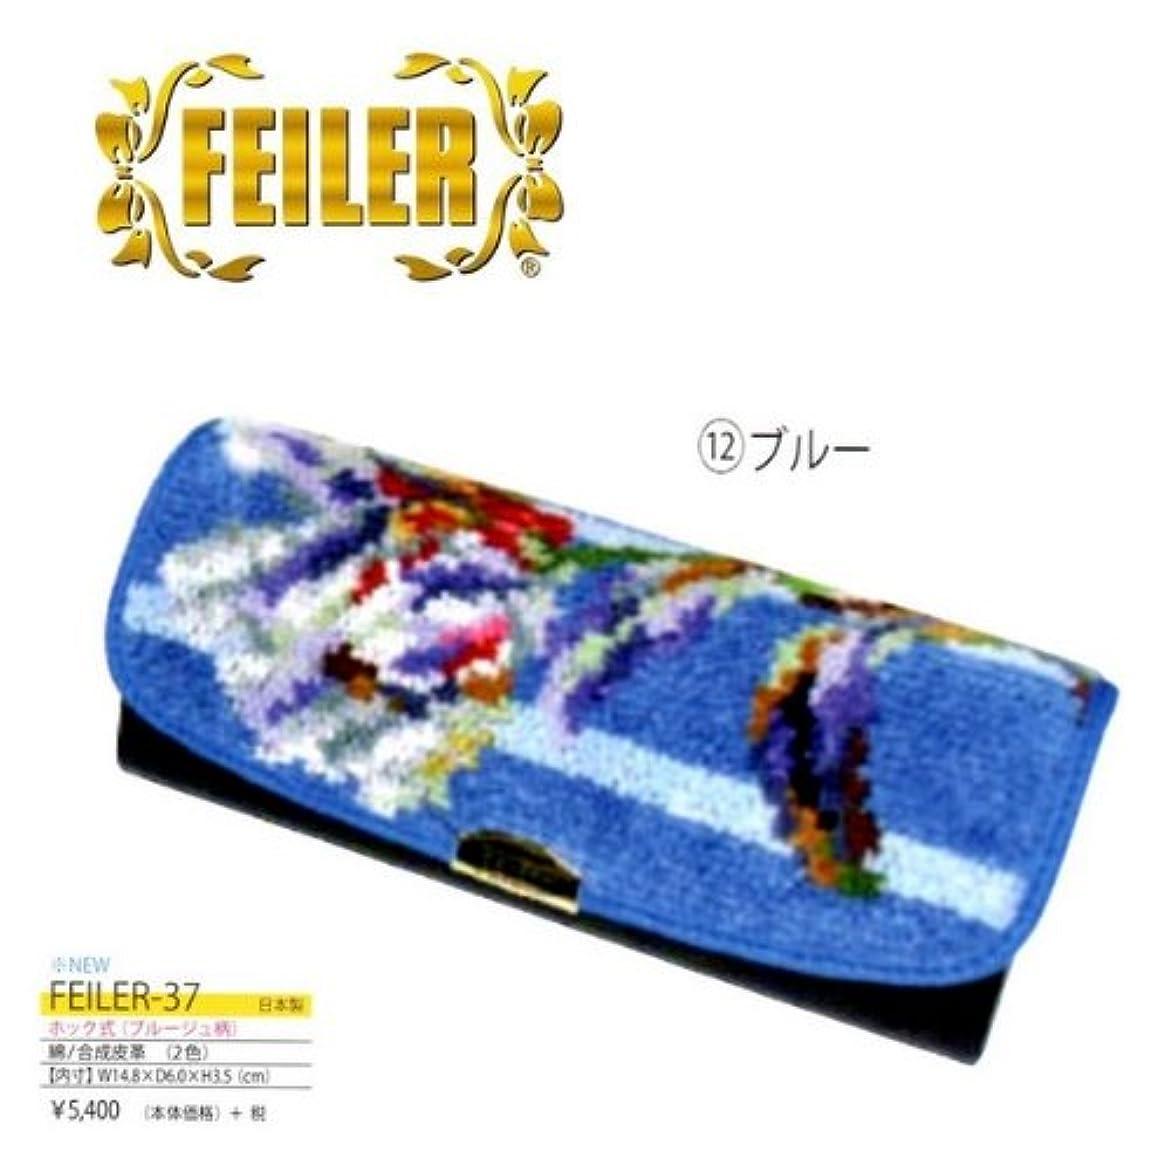 バック住むつぶやき【FEILER】フェイラー メガネケース FEILER-37 ブルージュ柄 ブルー